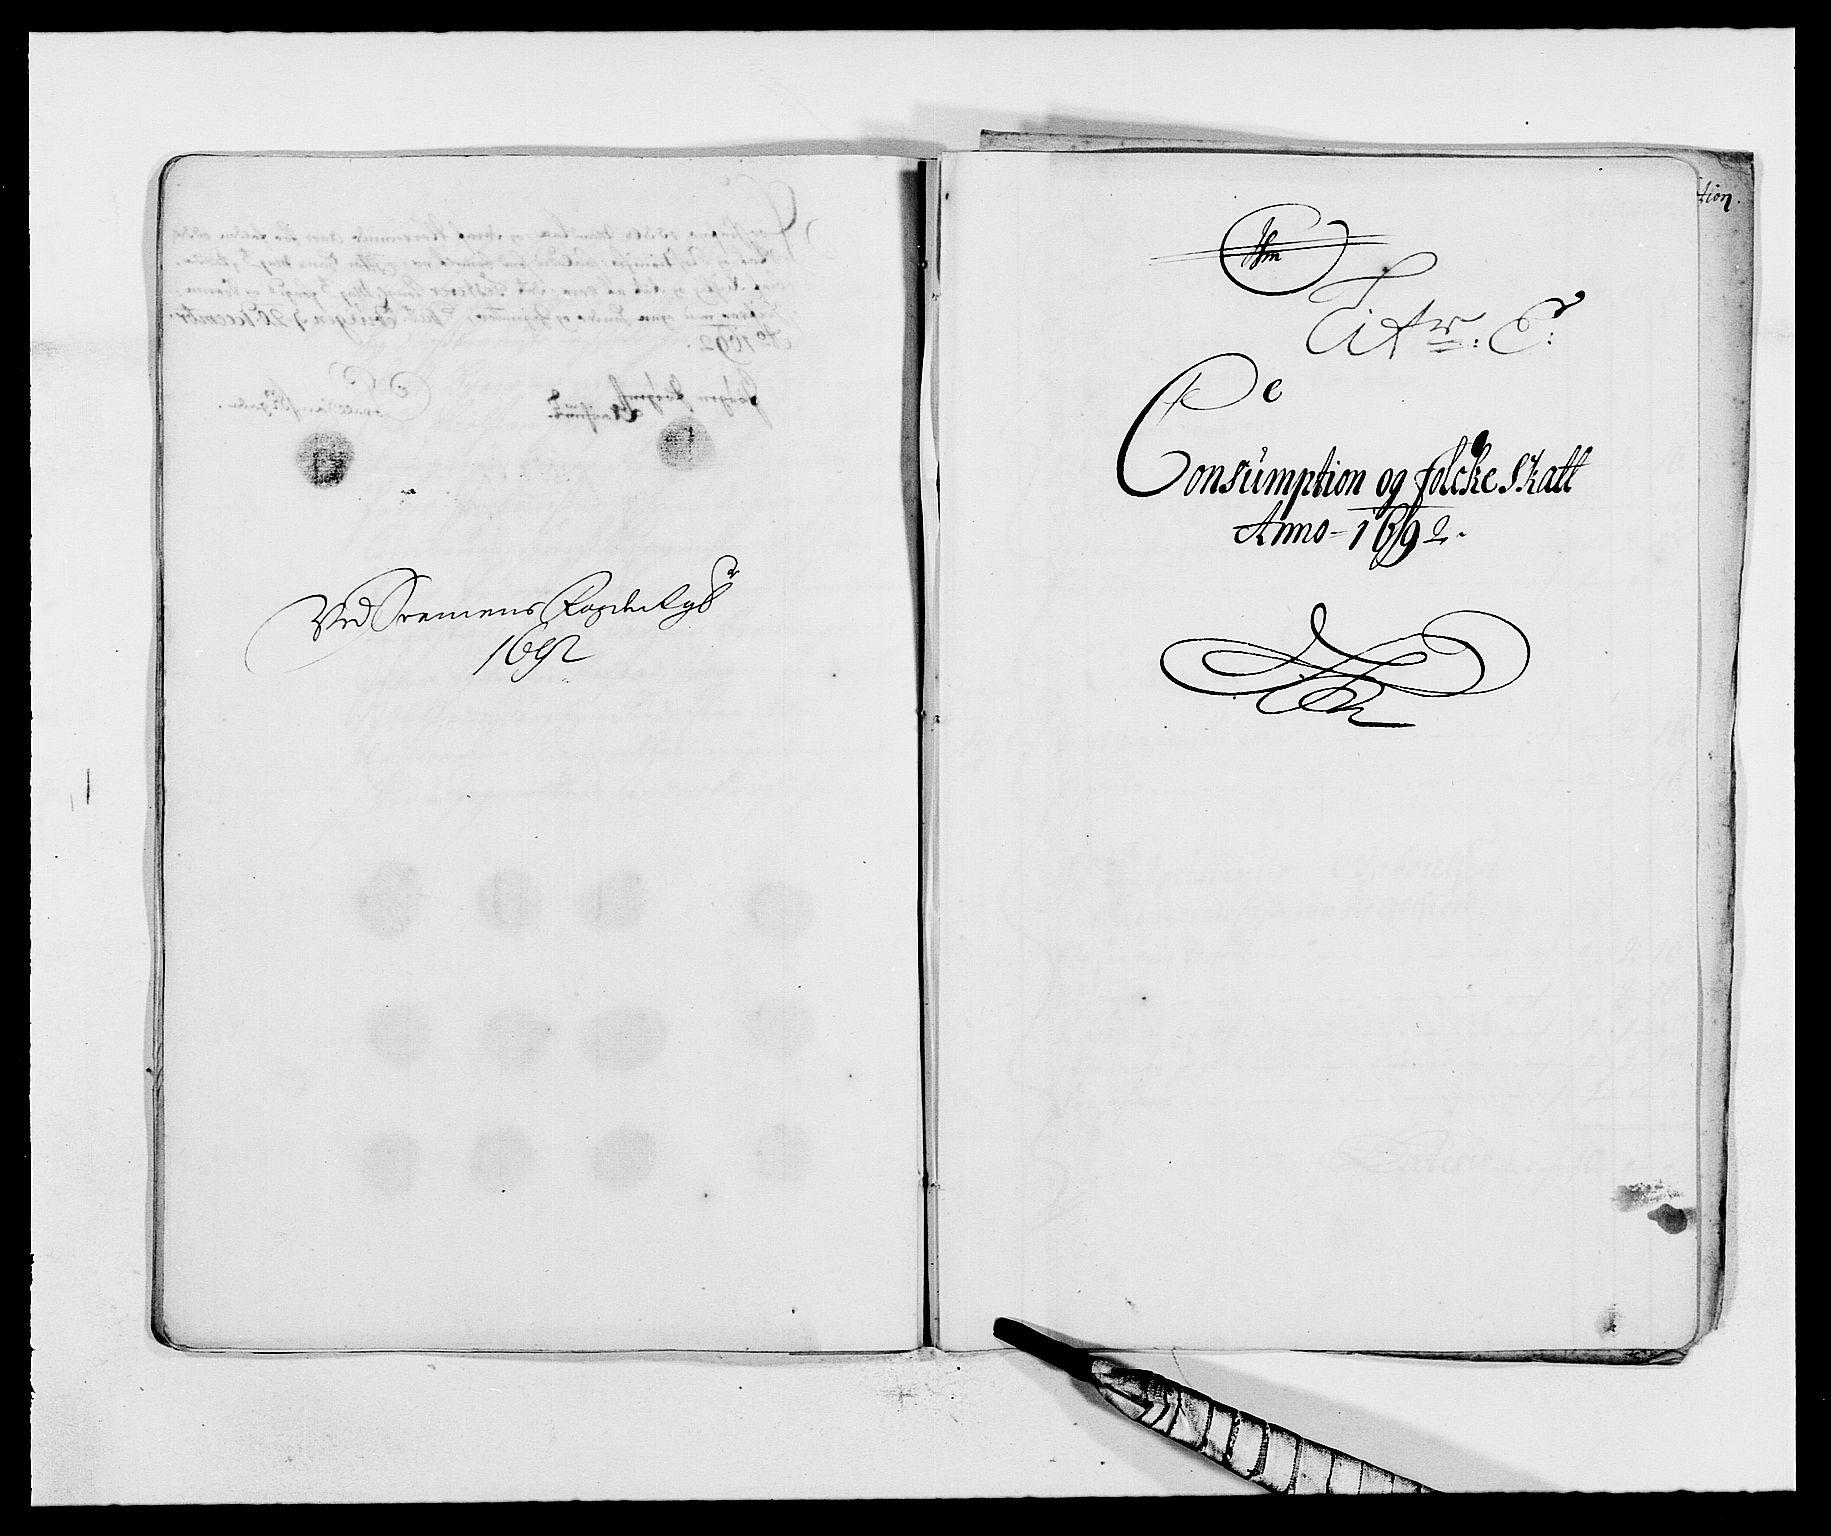 RA, Rentekammeret inntil 1814, Reviderte regnskaper, Fogderegnskap, R68/L4752: Fogderegnskap Senja og Troms, 1691-1693, s. 205